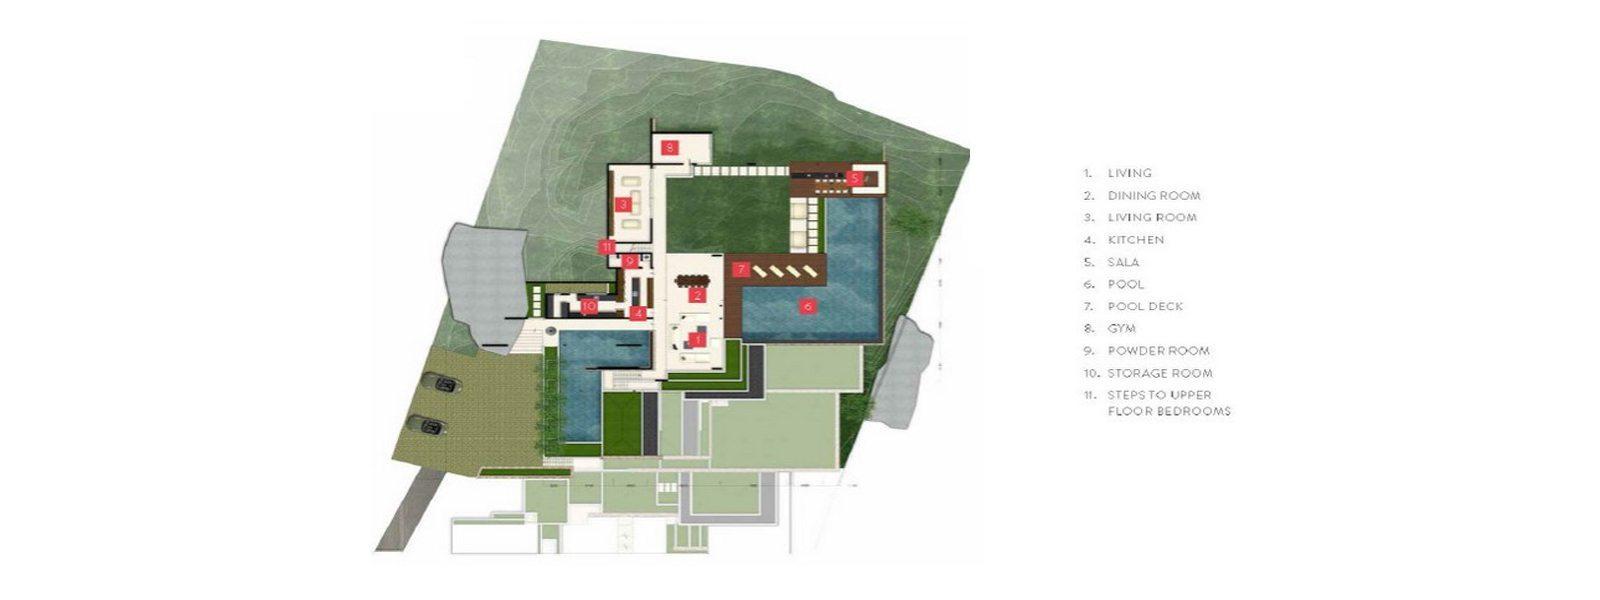 Samujana 1 Floorplan | Choeng Mon, Koh Samui